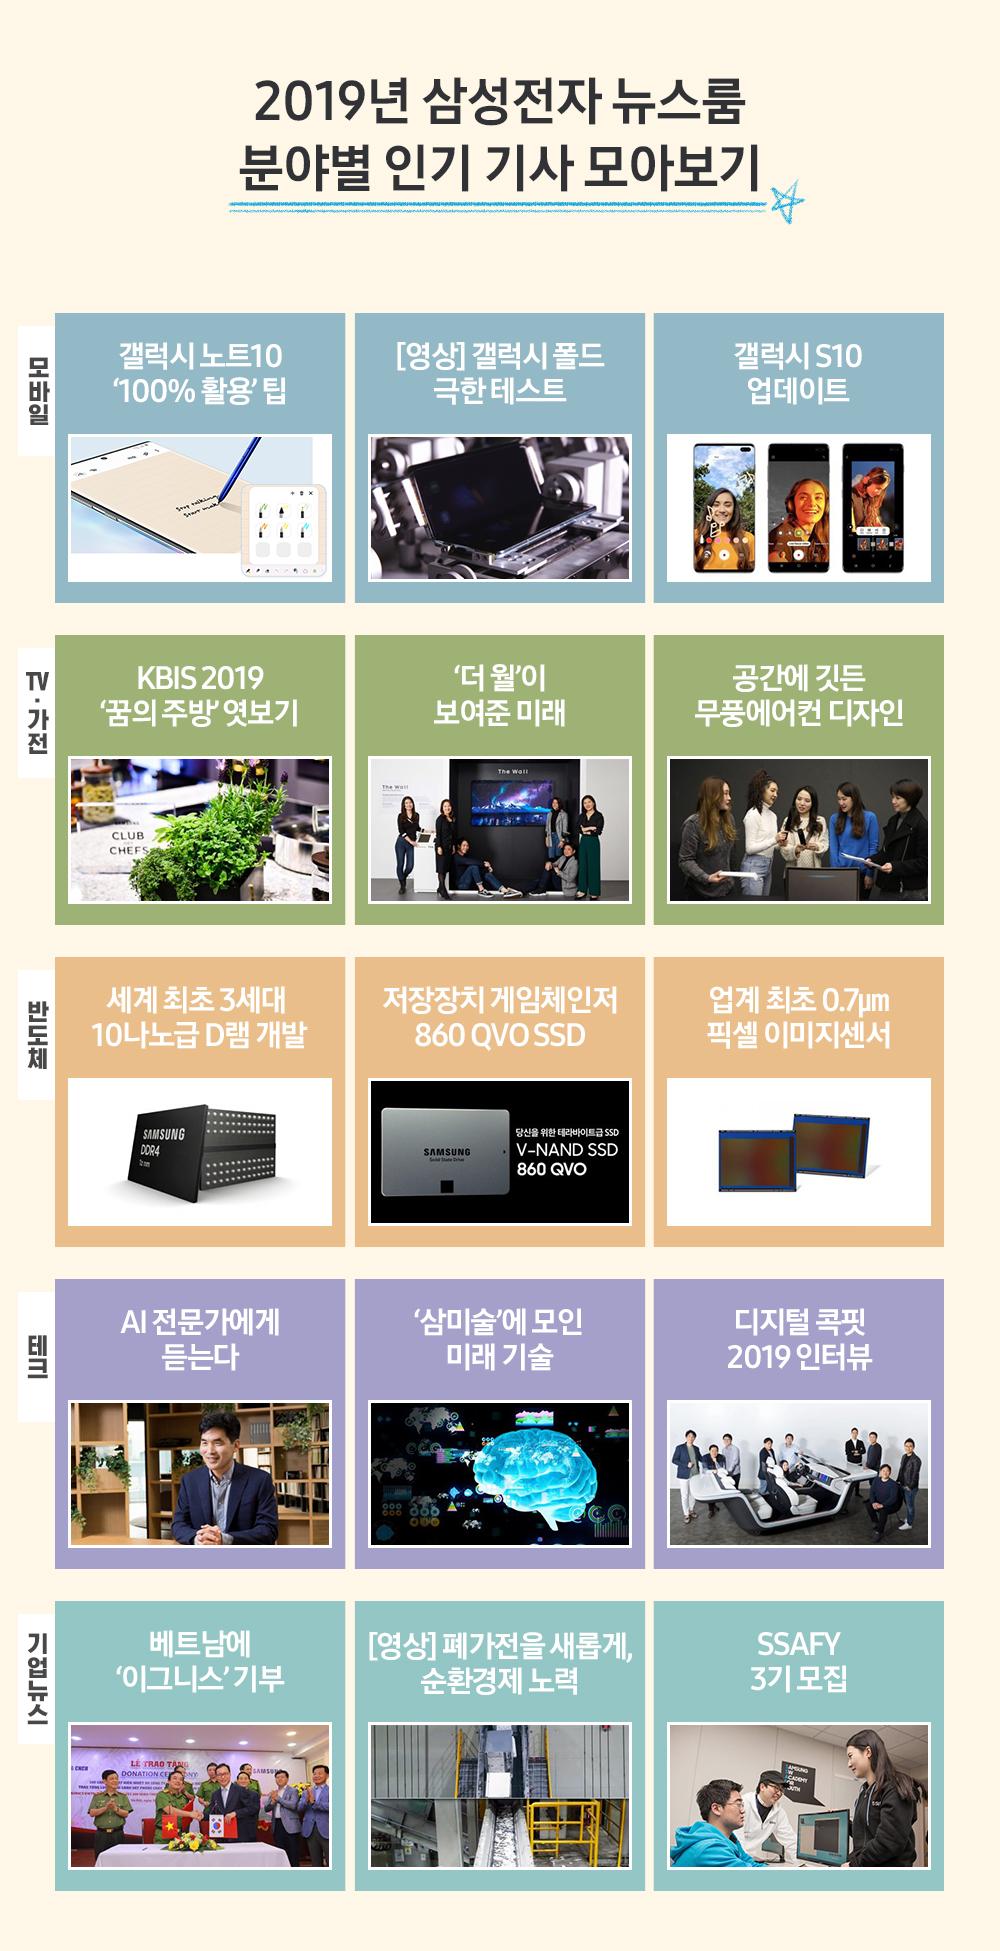 2019년 삼성전자 뉴스룸 분야별 인기 기사 모아보기